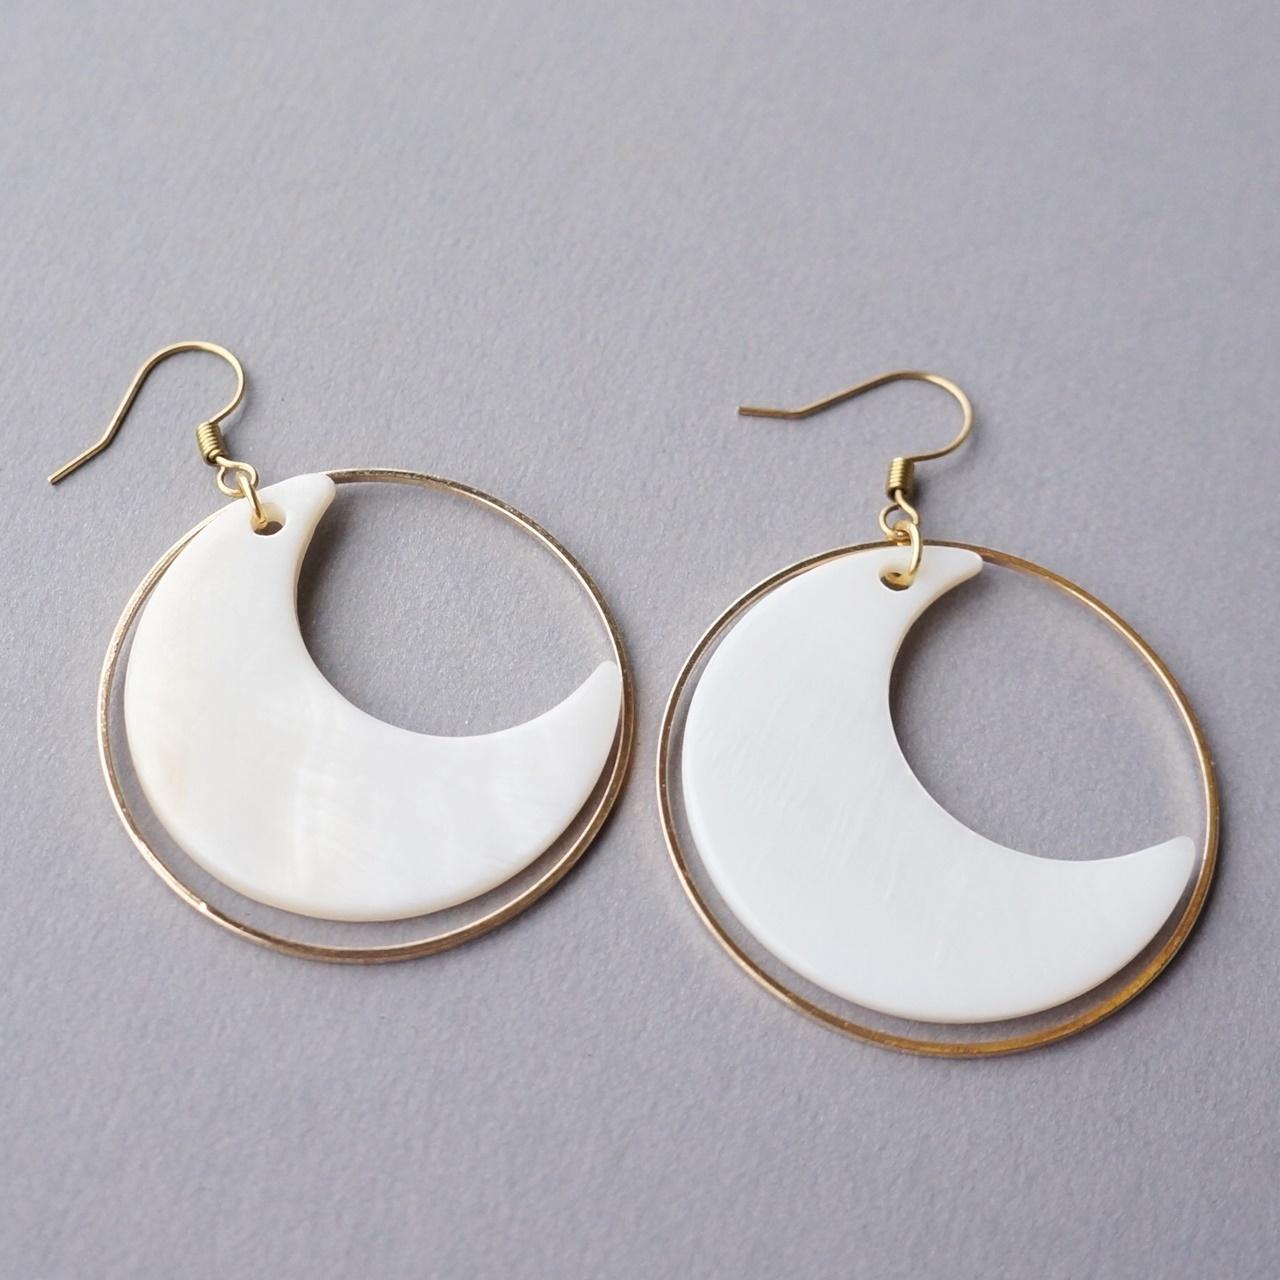 月光傳說貝殼耳環